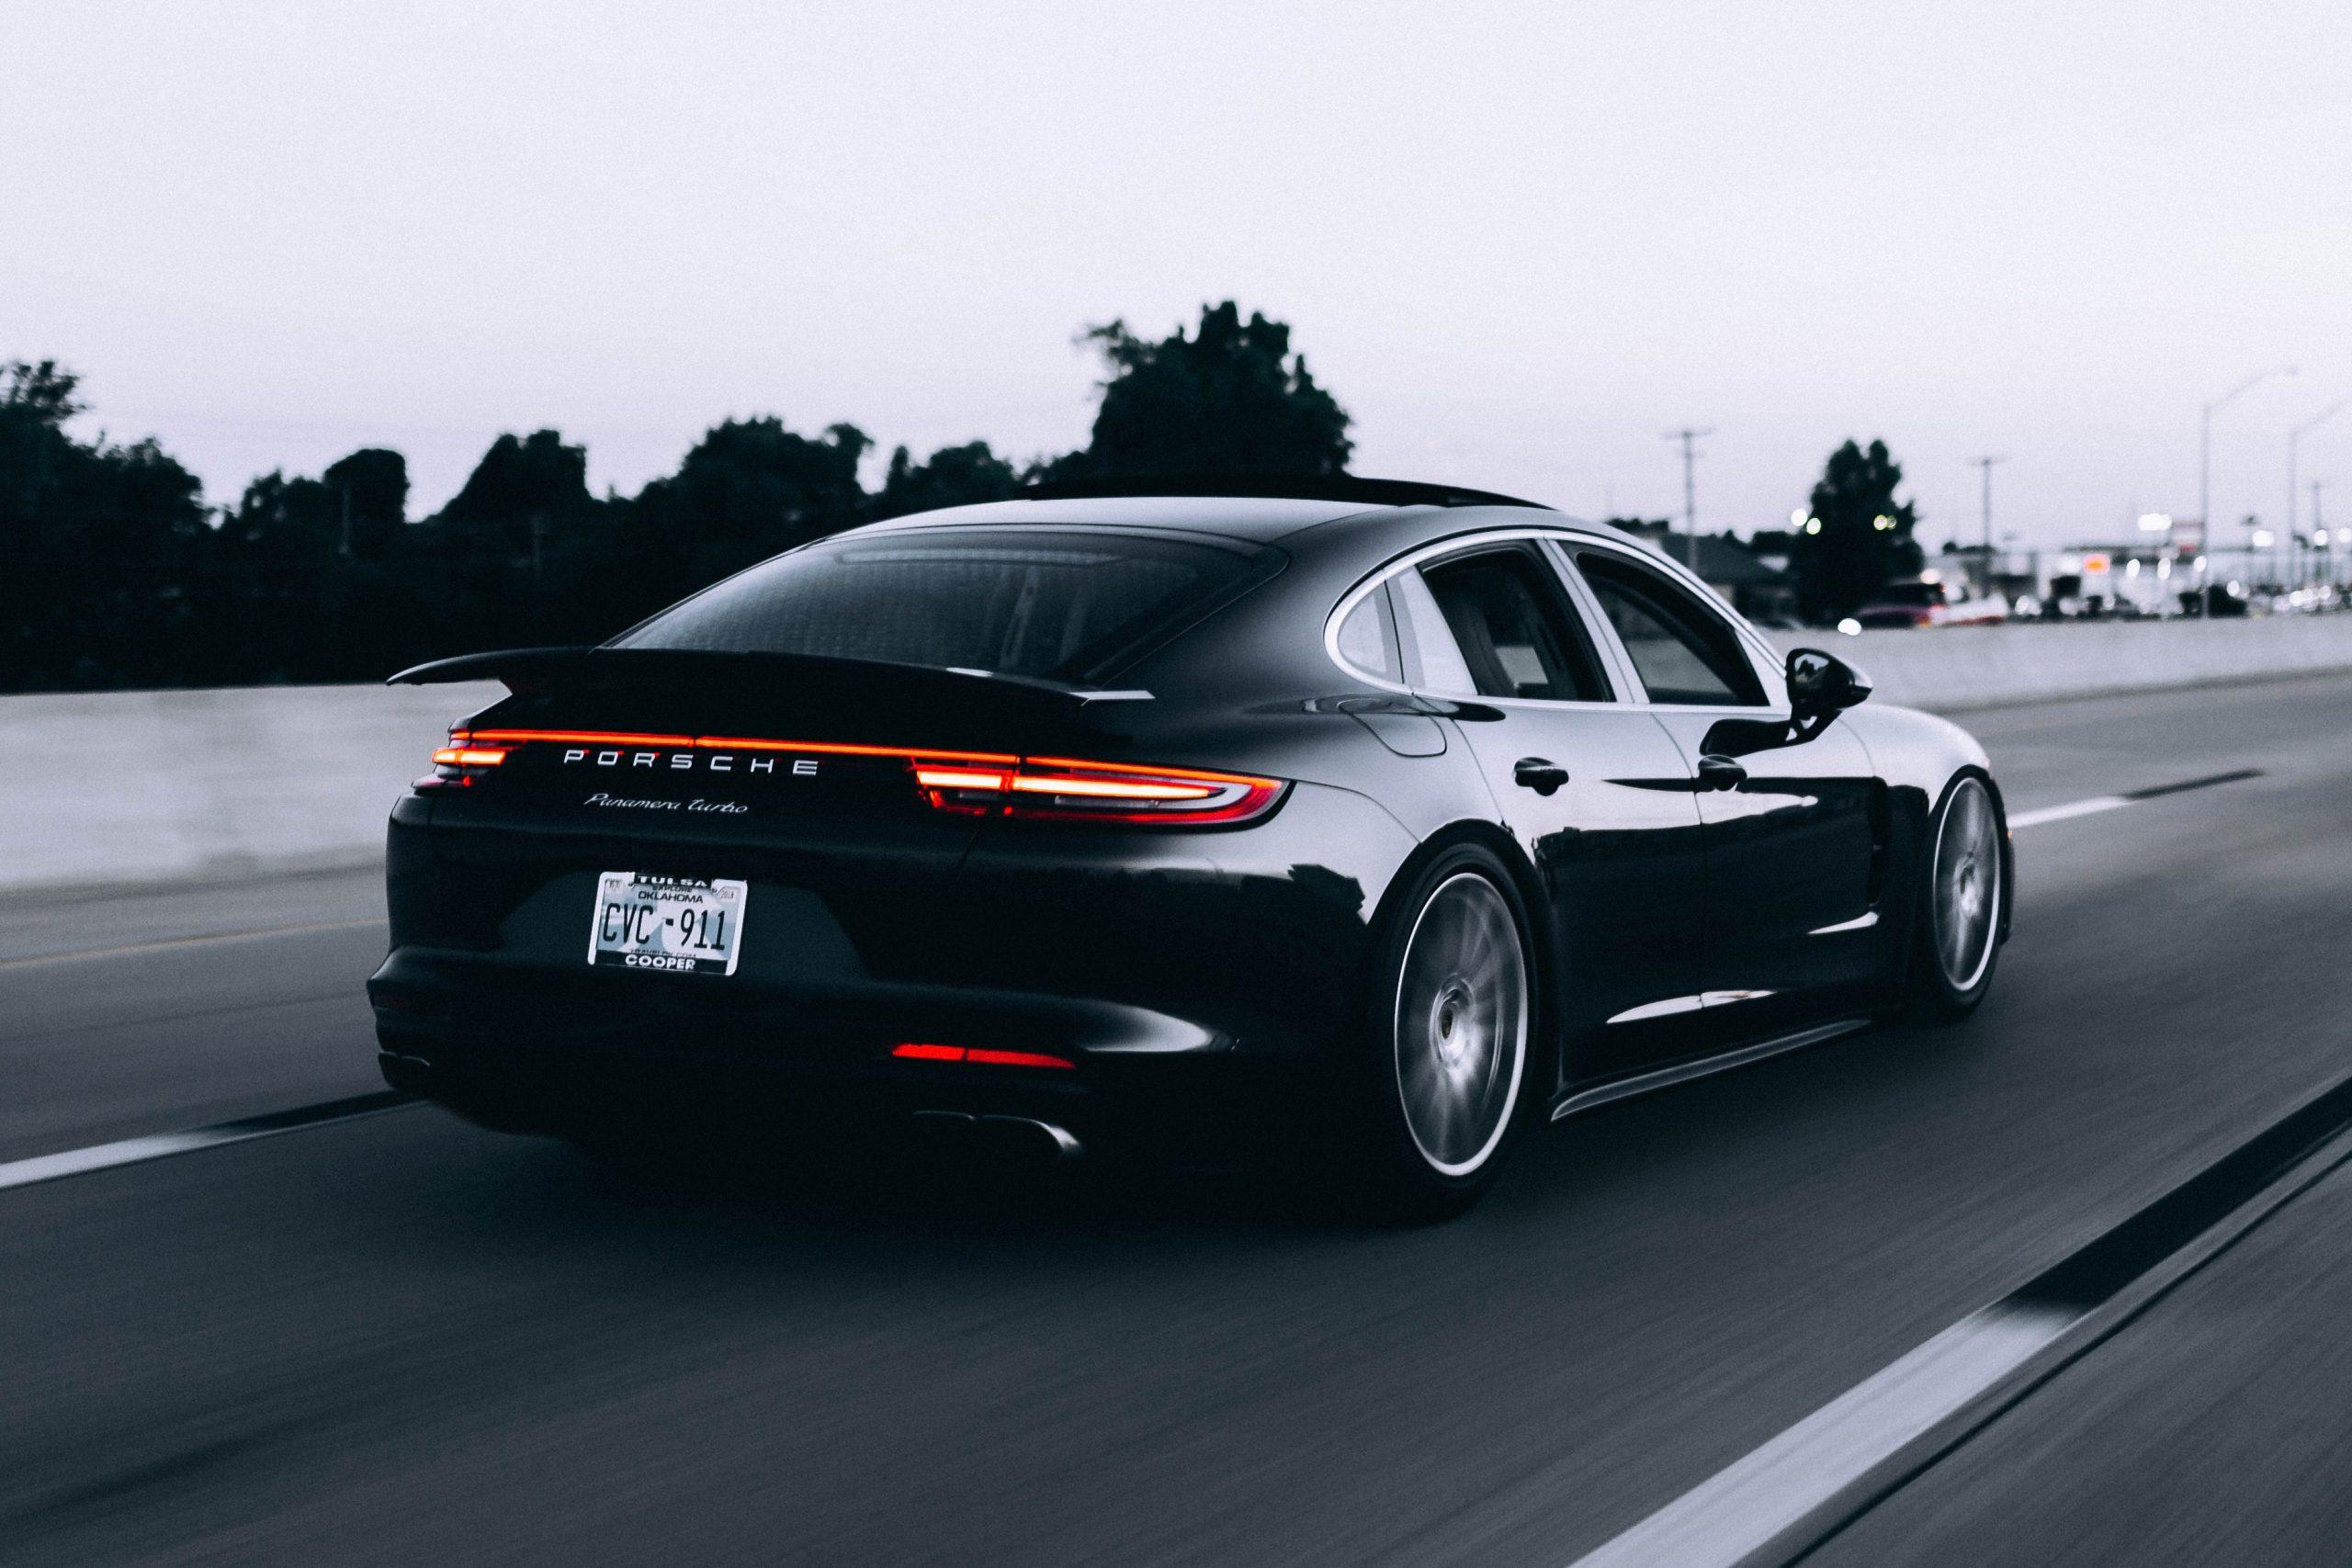 wallpaper Running black Porsche sedan